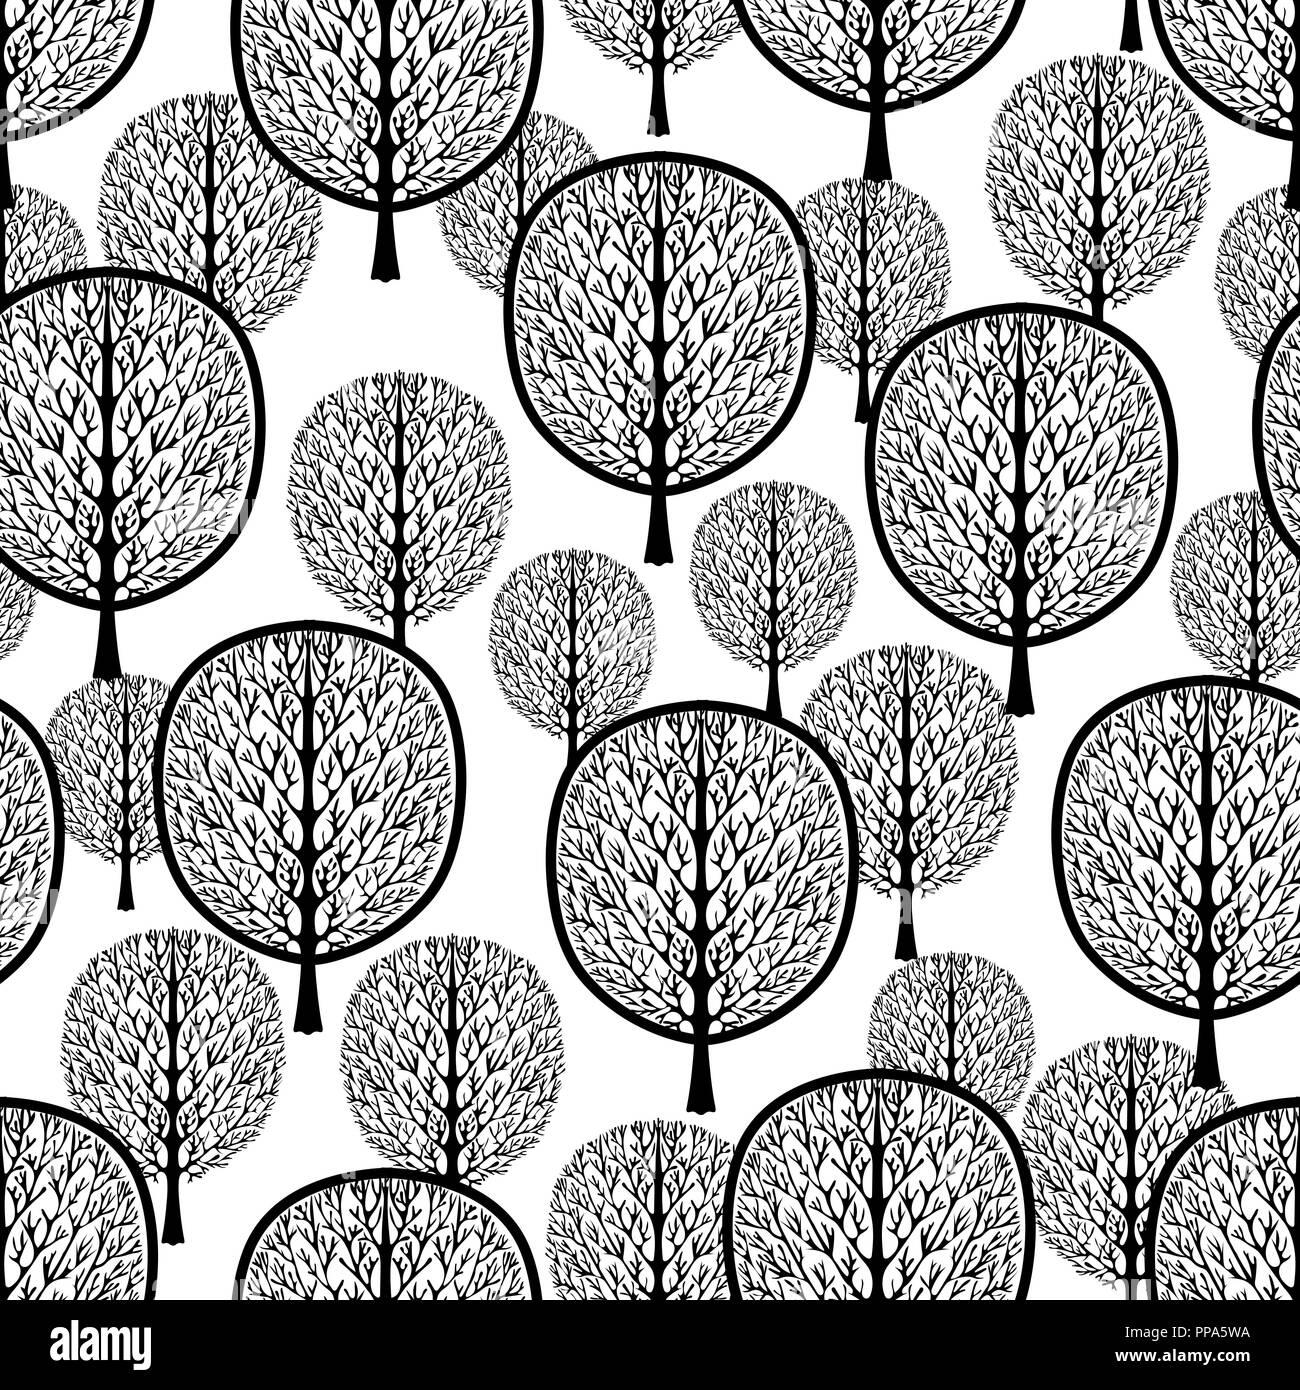 Alberi Astratto Modello Senza Giunture Foresta Stilizzata Vettore